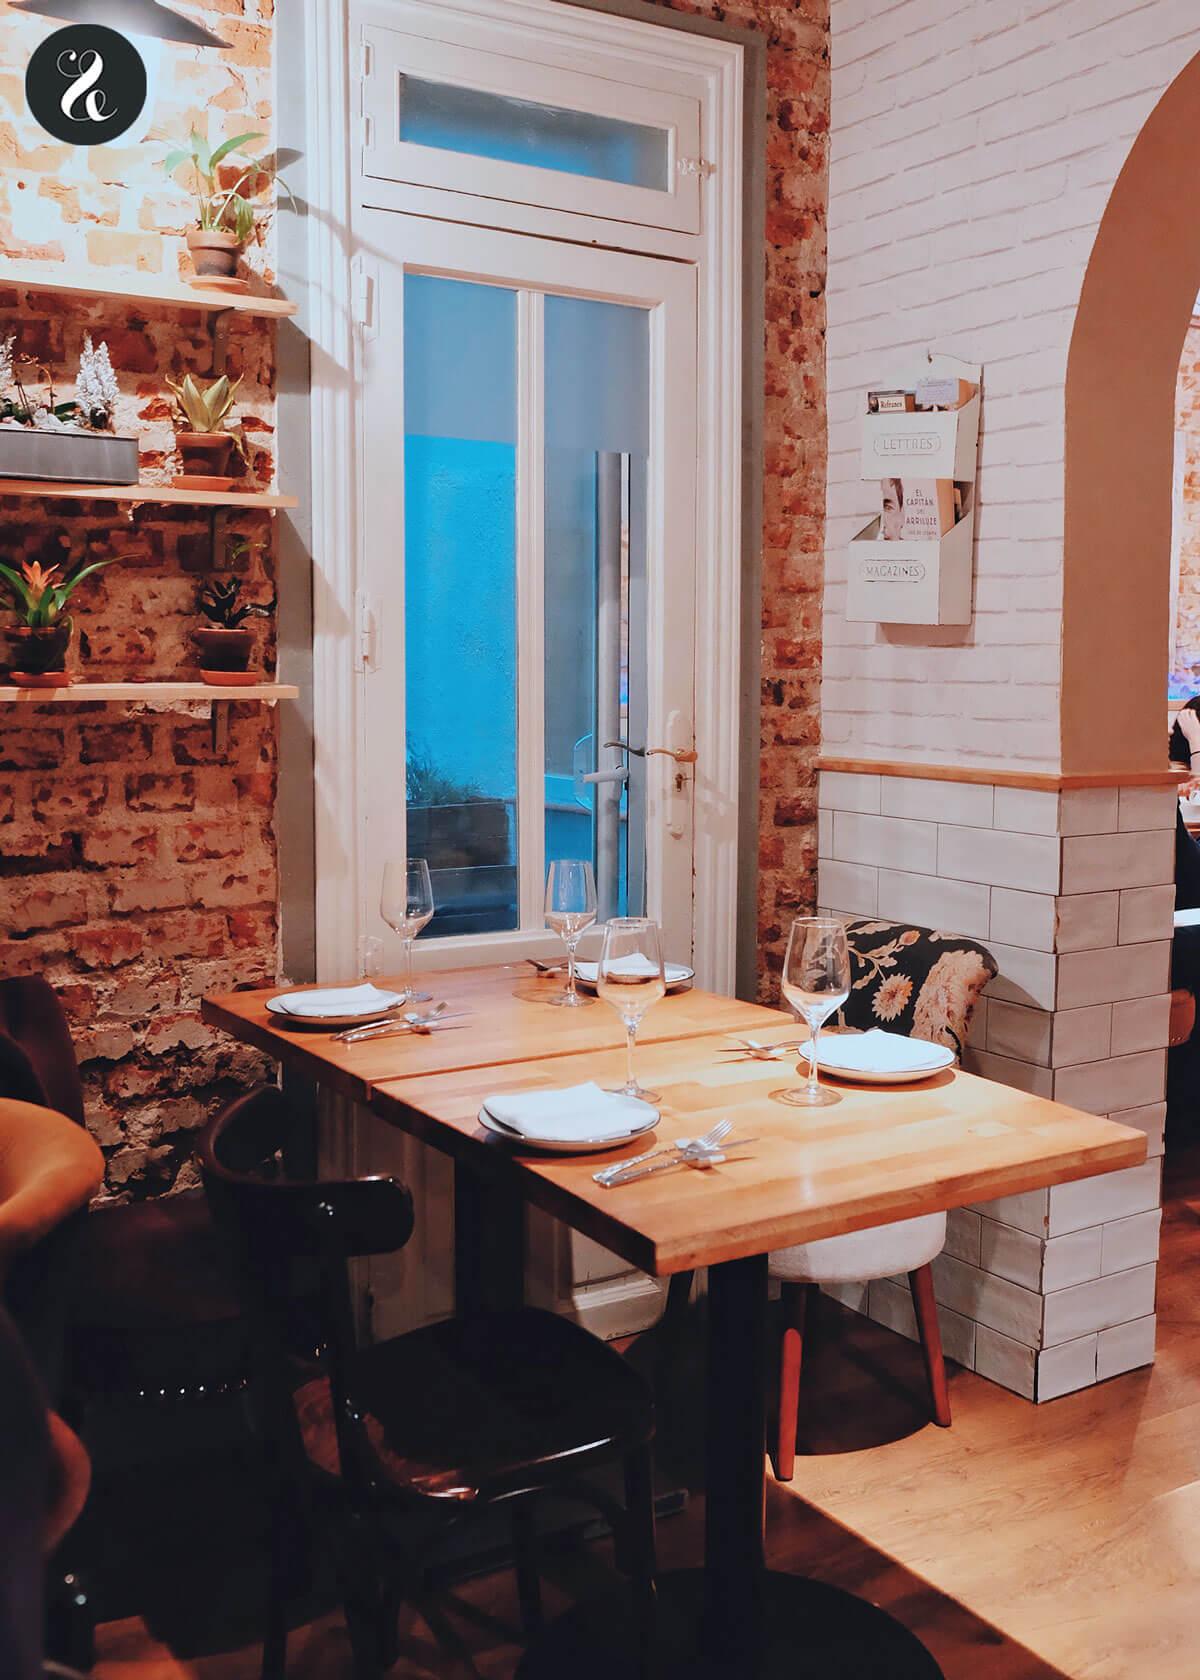 mejores restaurantes románticos Madrid - Taberna y Media